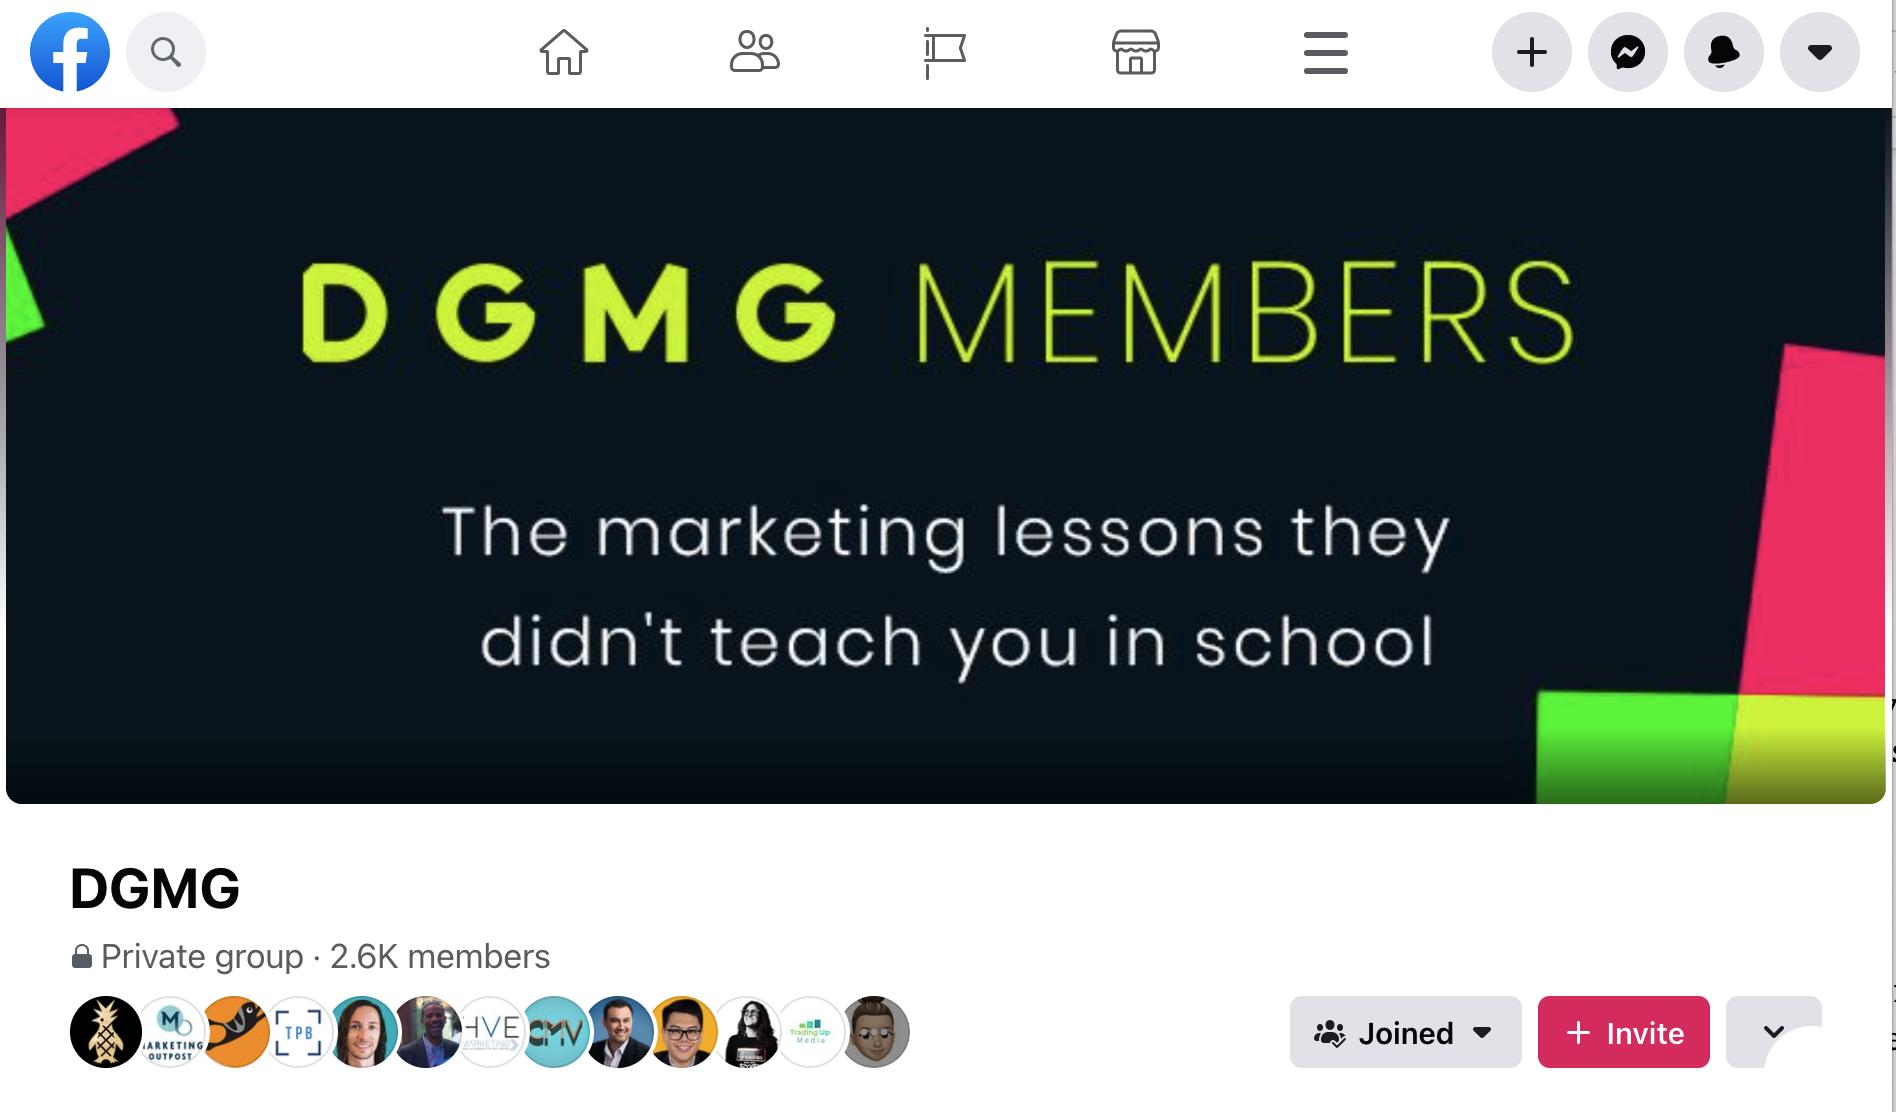 Private community through Facebook